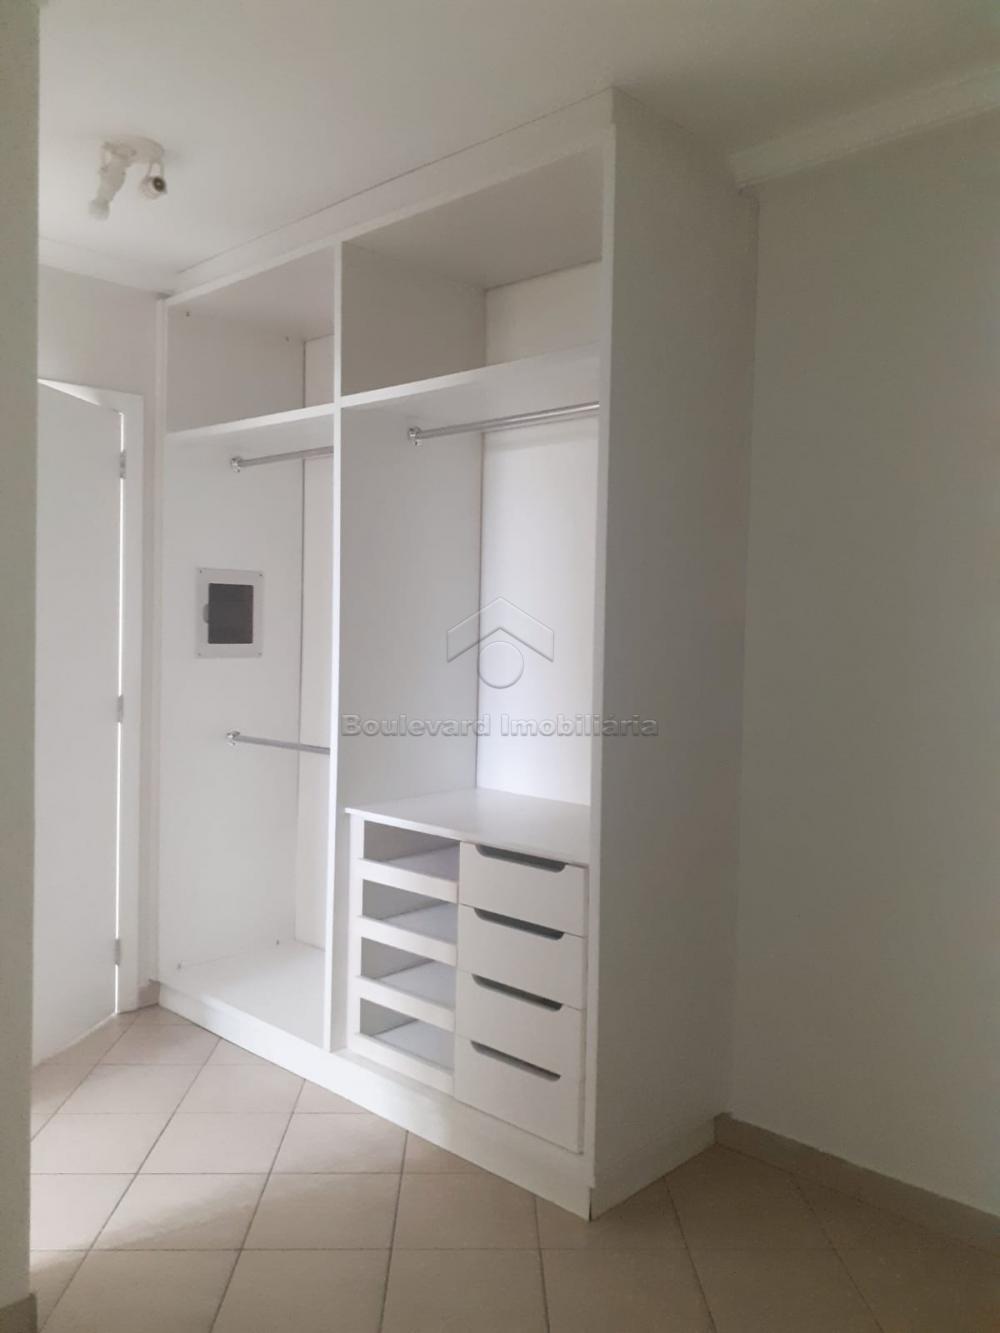 Alugar Apartamento / Padrão em Ribeirão Preto R$ 680,00 - Foto 7